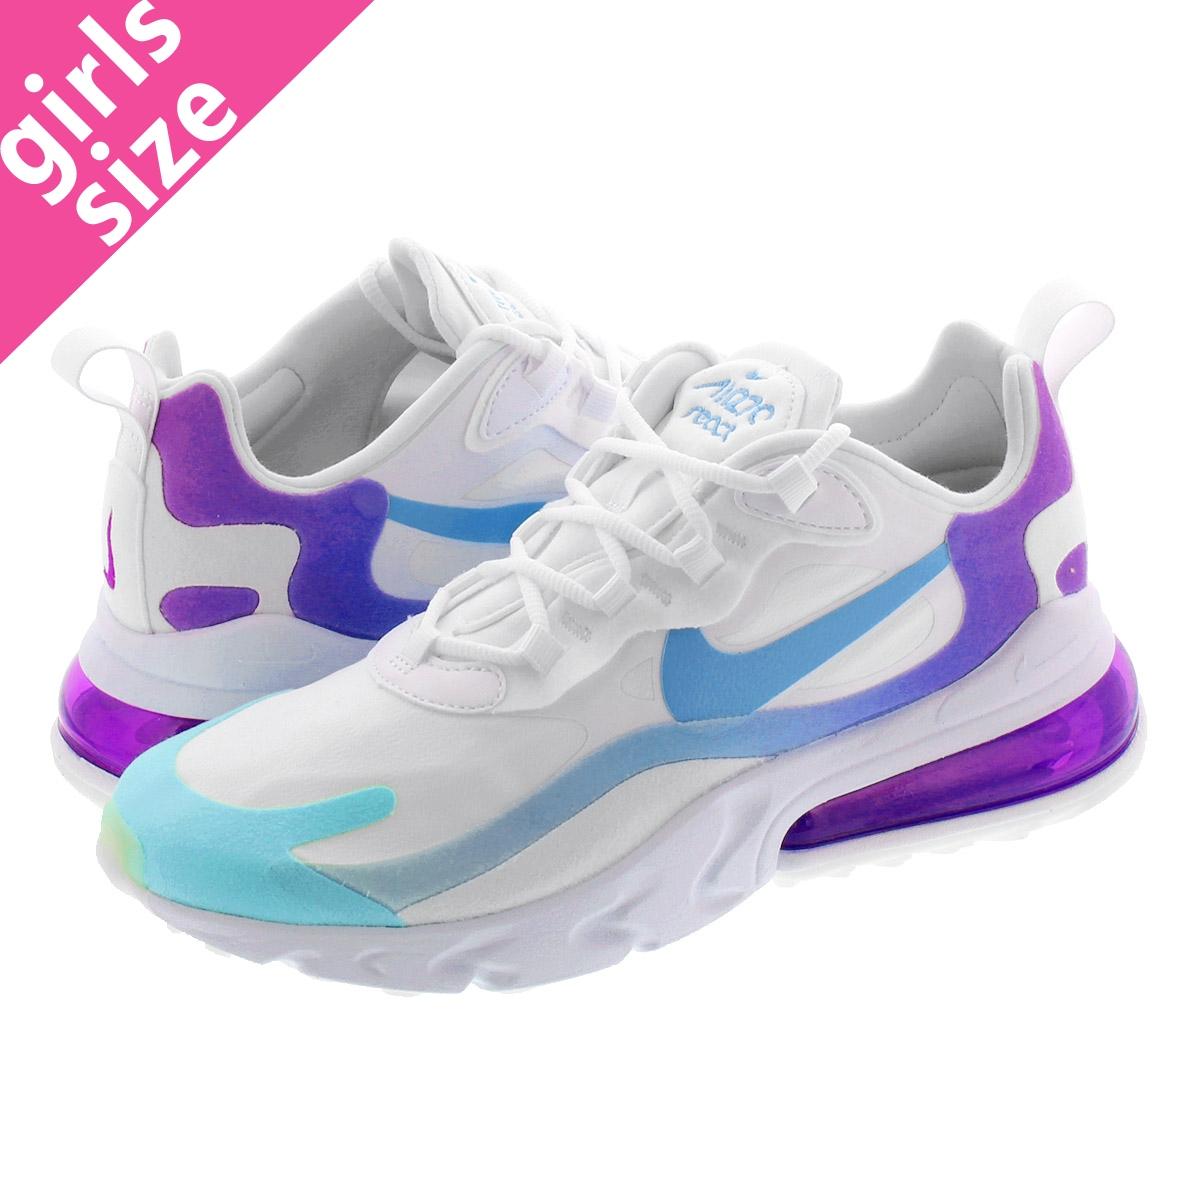 Air Max nike Women's Shoes Shoes 60items | Rakuten